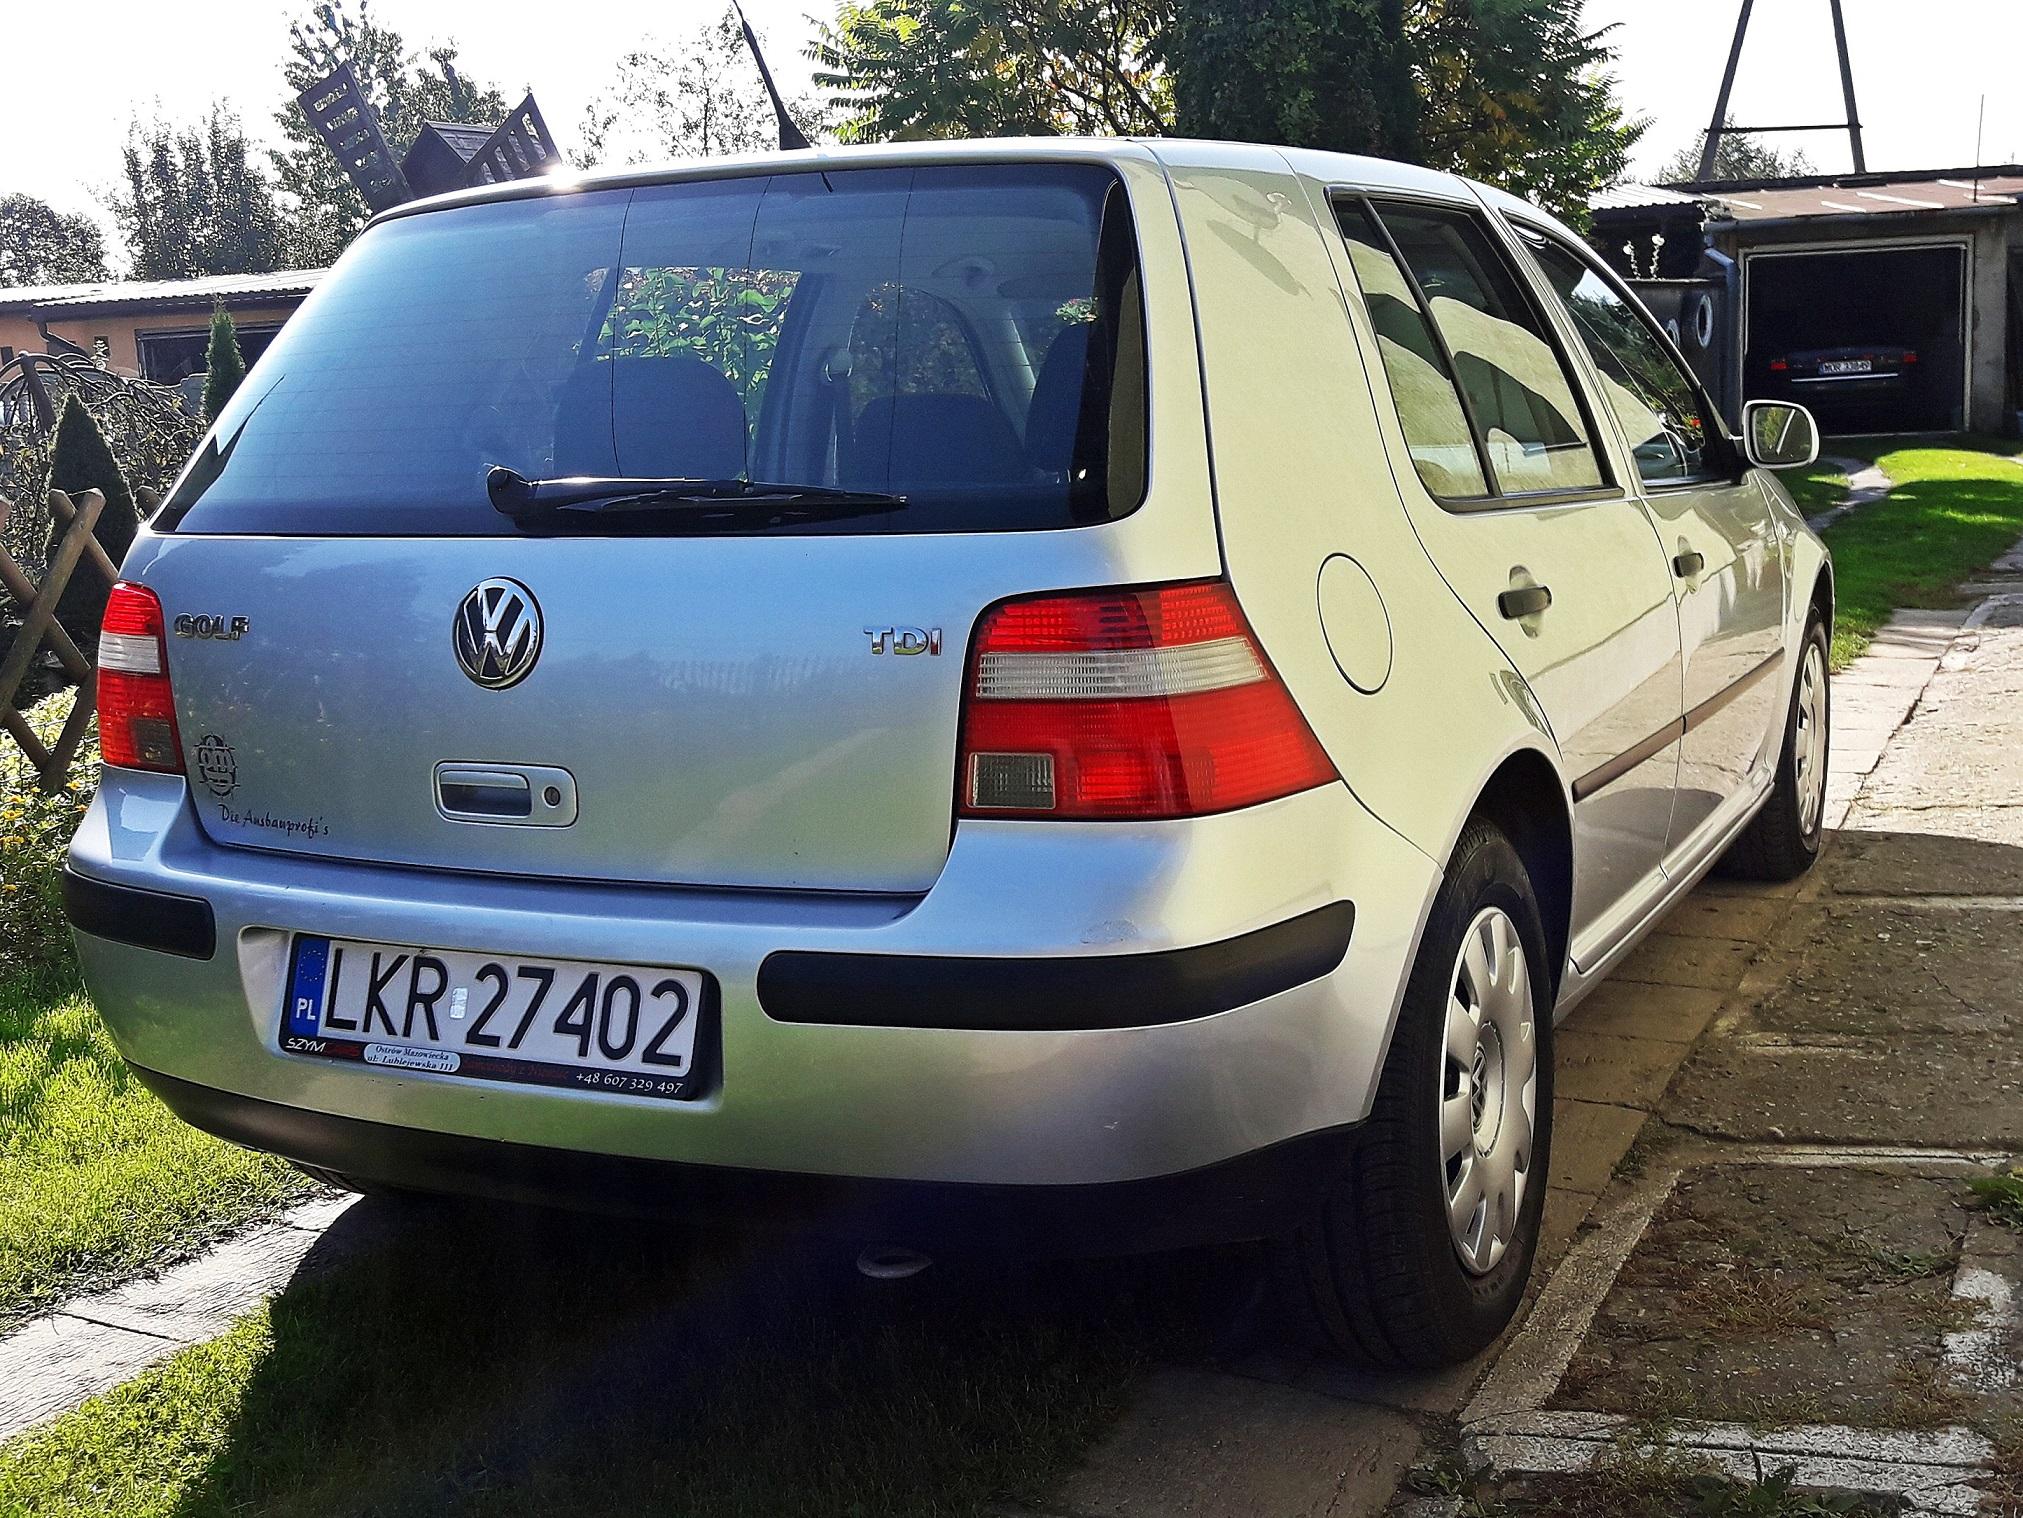 http://www.fotem.pl/data/da6909dc573d9469d08f7506855526.jpg